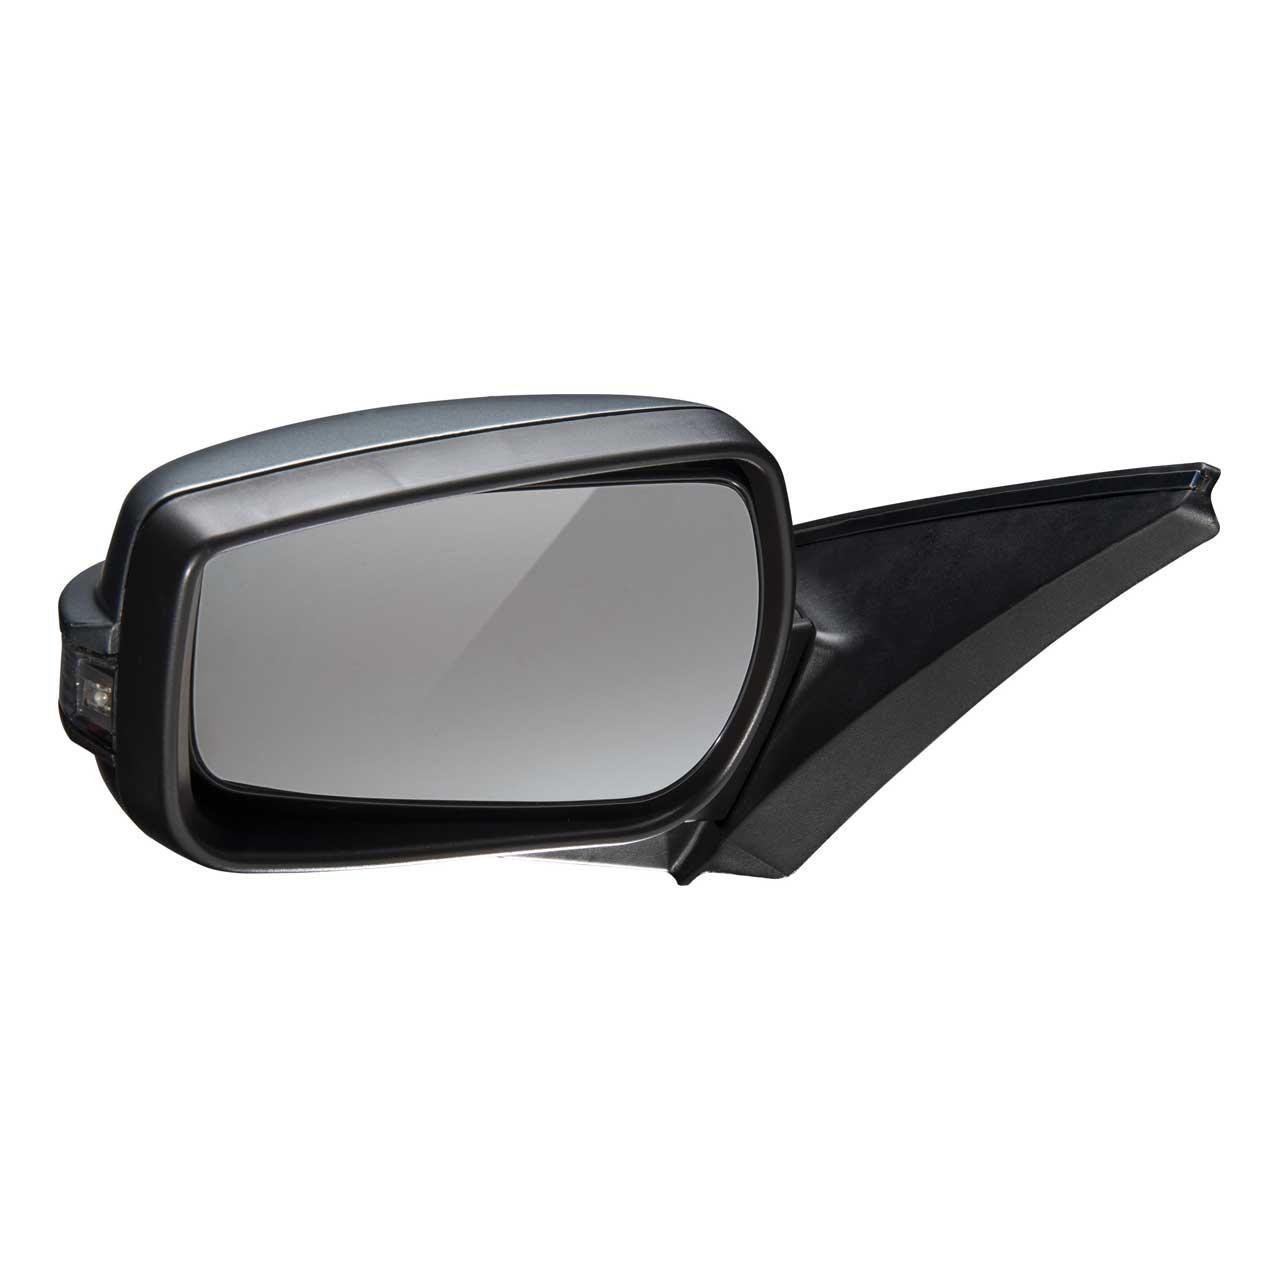 آینه برقی جانبی چپ خودرو BZ مشکی مناسب برای پژو پارس P9